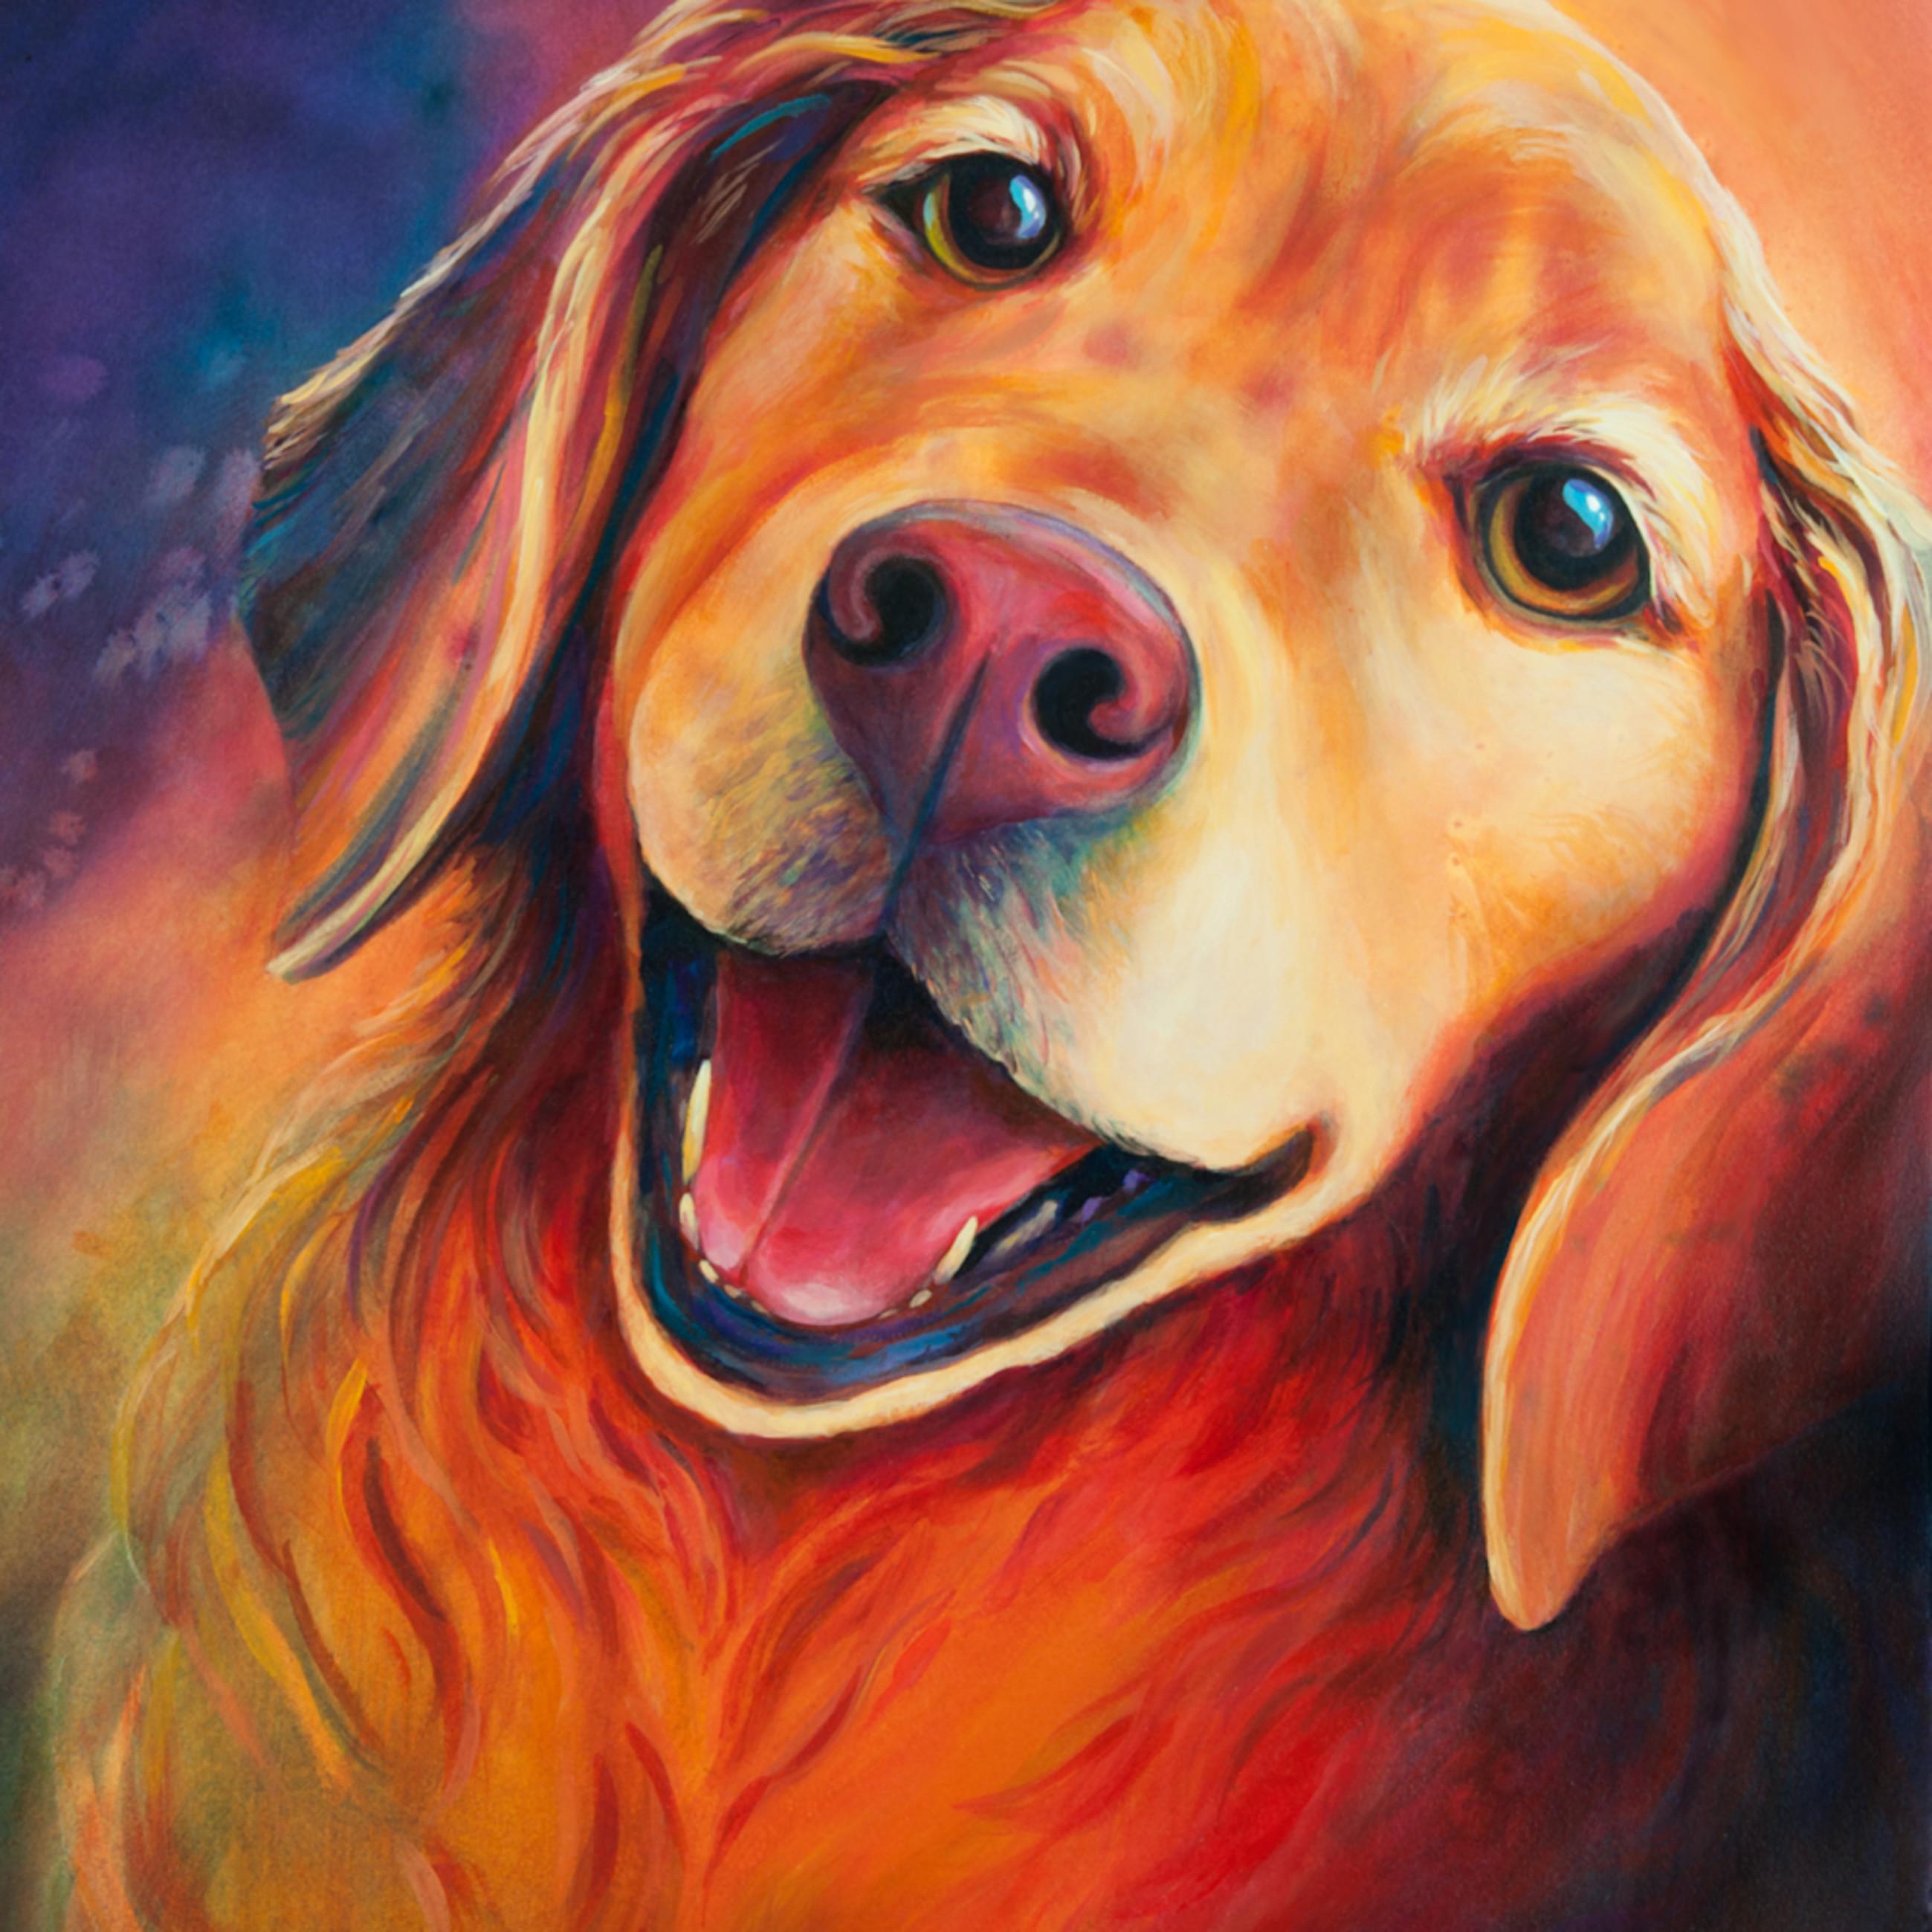 Dog golden little pete zuzvwz